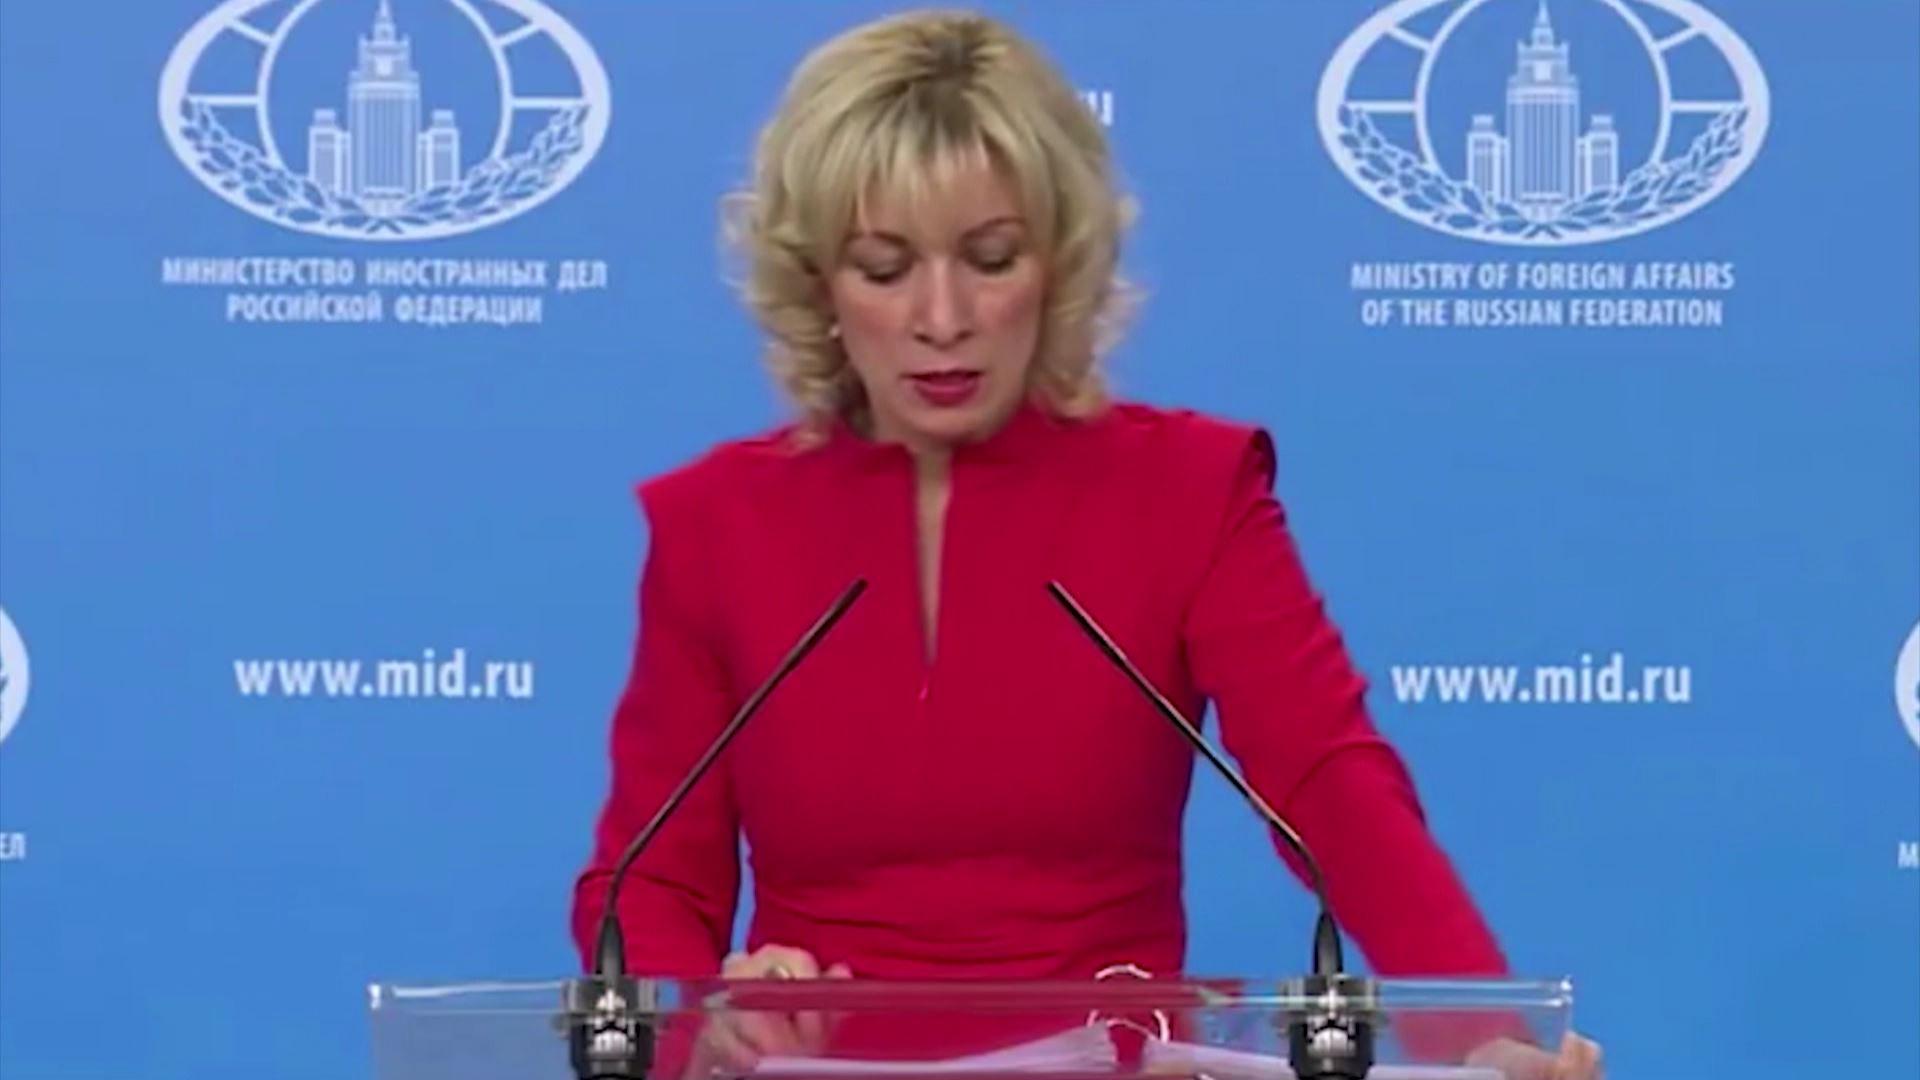 მარია ზახაროვა: ''რუსეთსა და საქართველოს შორის ურთიერთობები თანდათანობით უმჯობესდება''